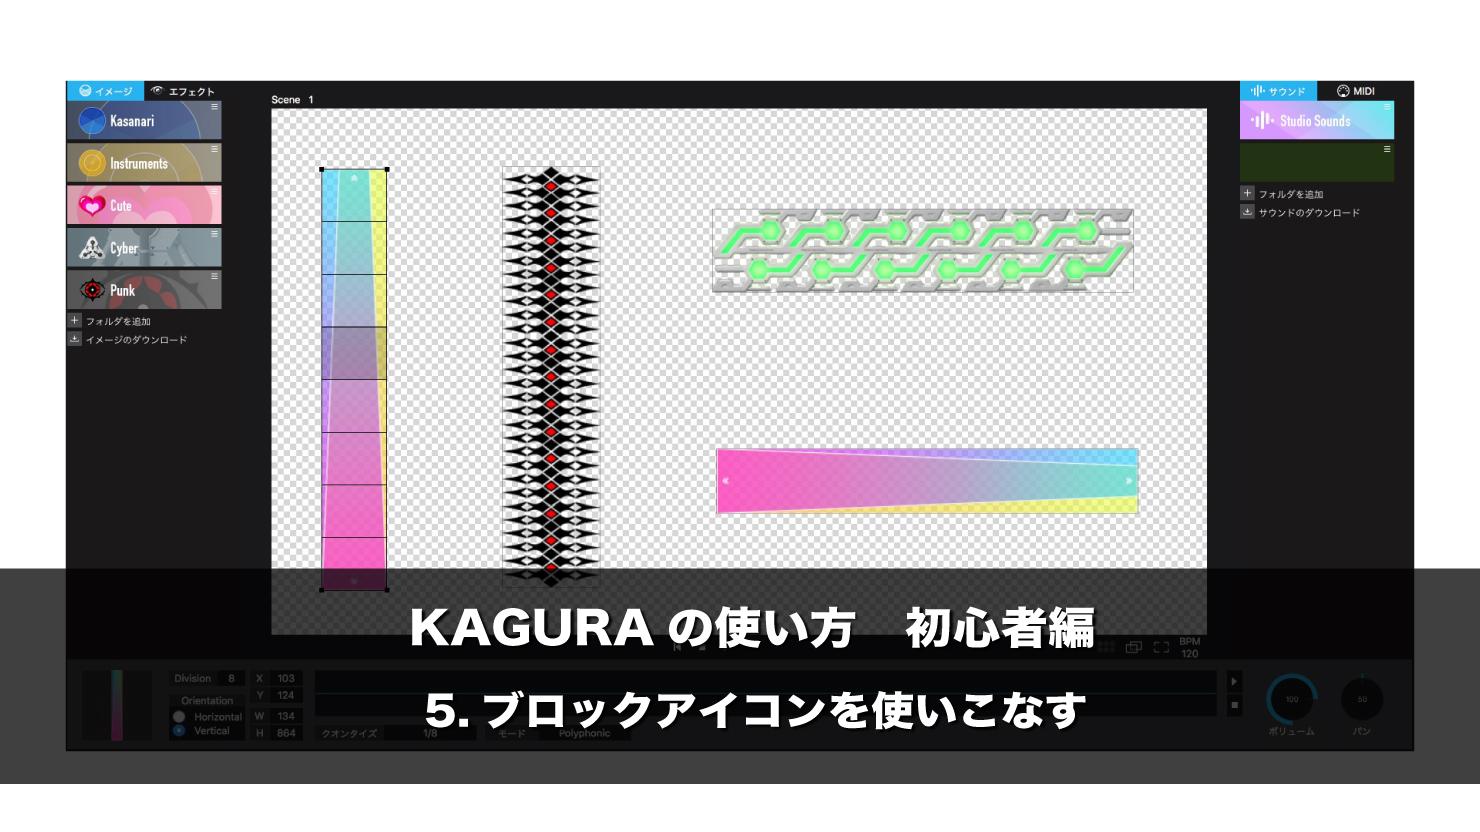 kagura_08_top3